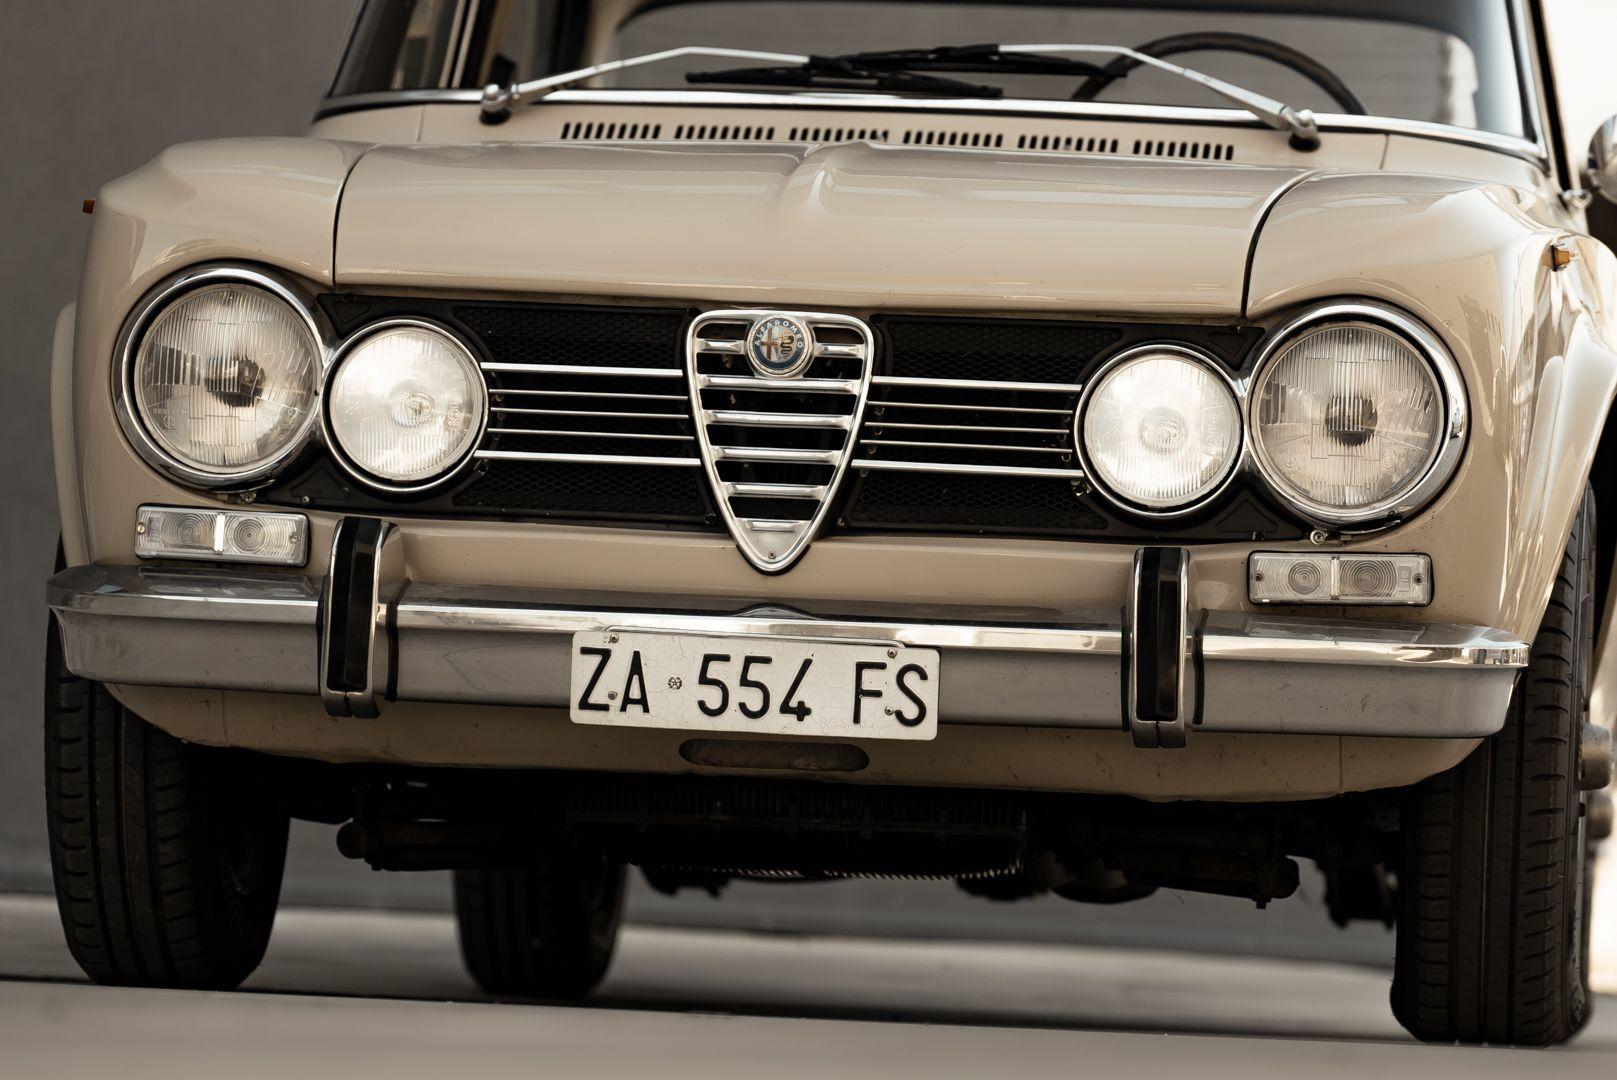 1972 Alfa Romeo Giulia Super 1300 76643